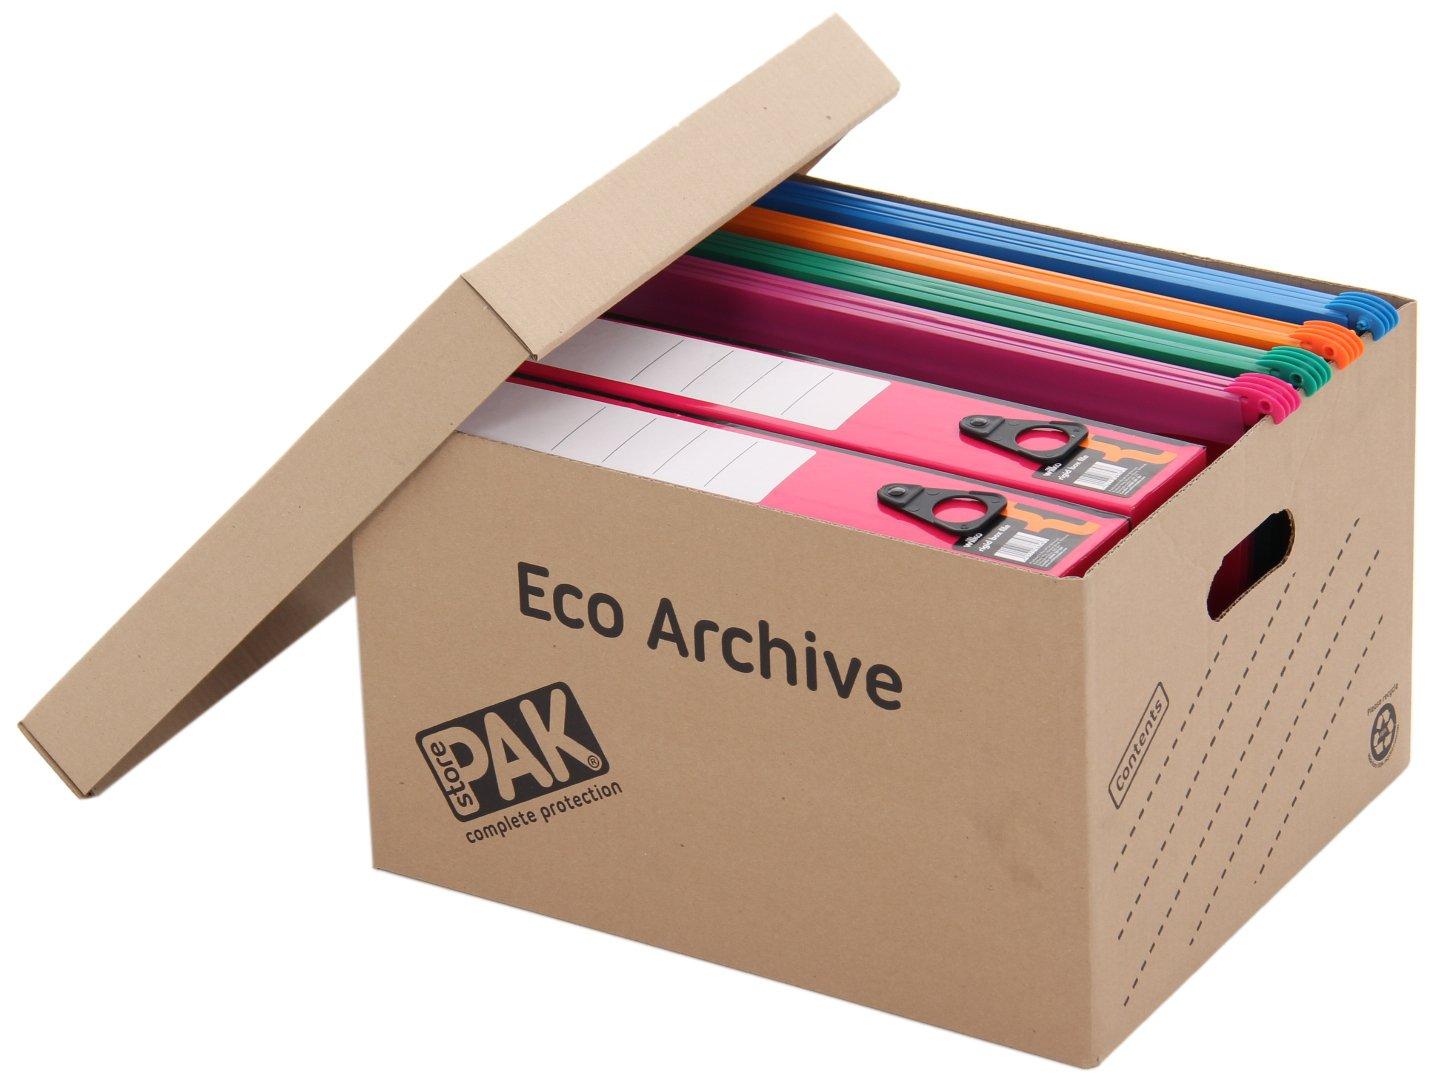 cardboard boxes. Black Bedroom Furniture Sets. Home Design Ideas